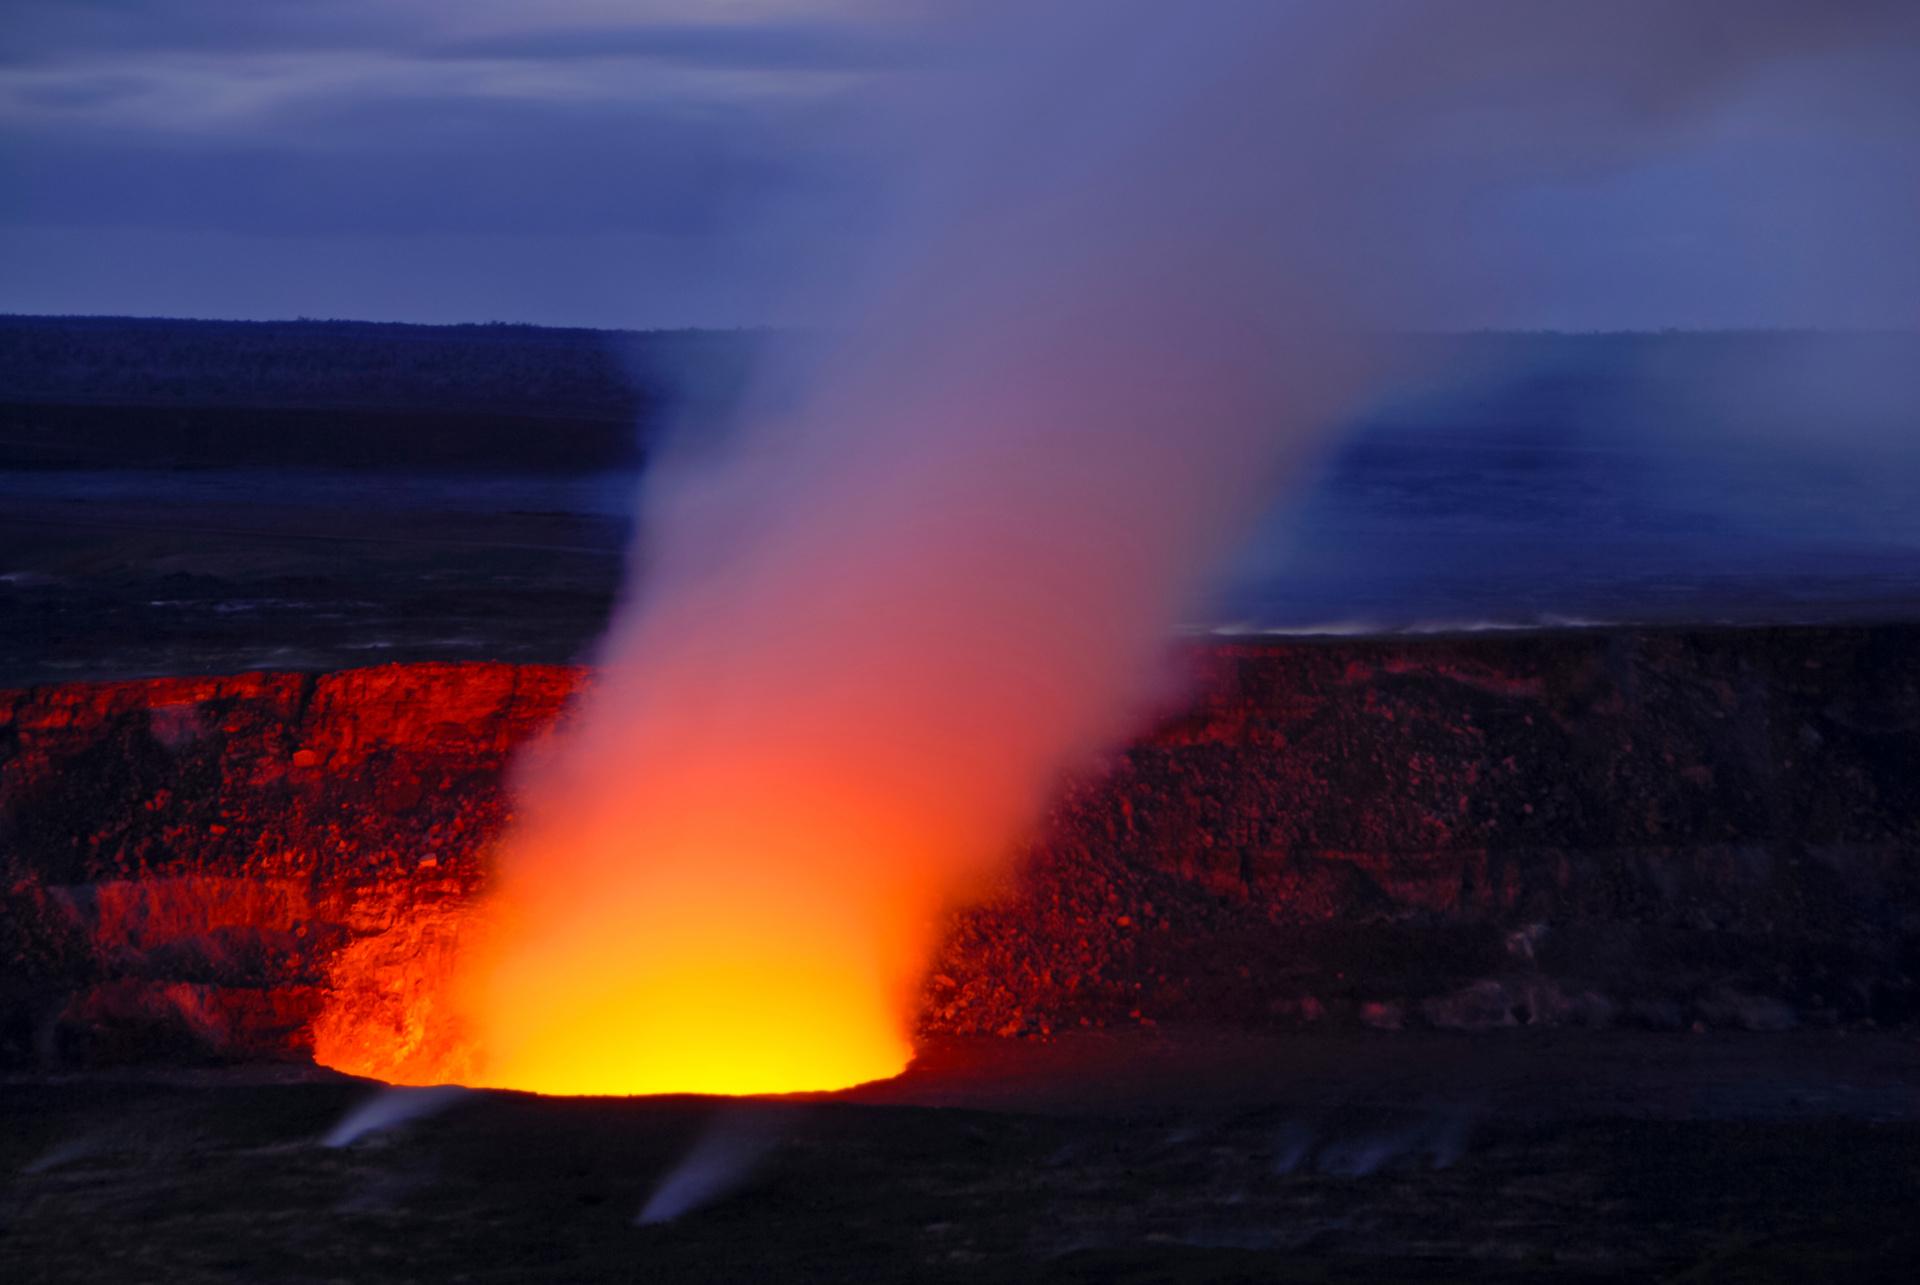 Horror as man falls into fiery Hawaii volcano